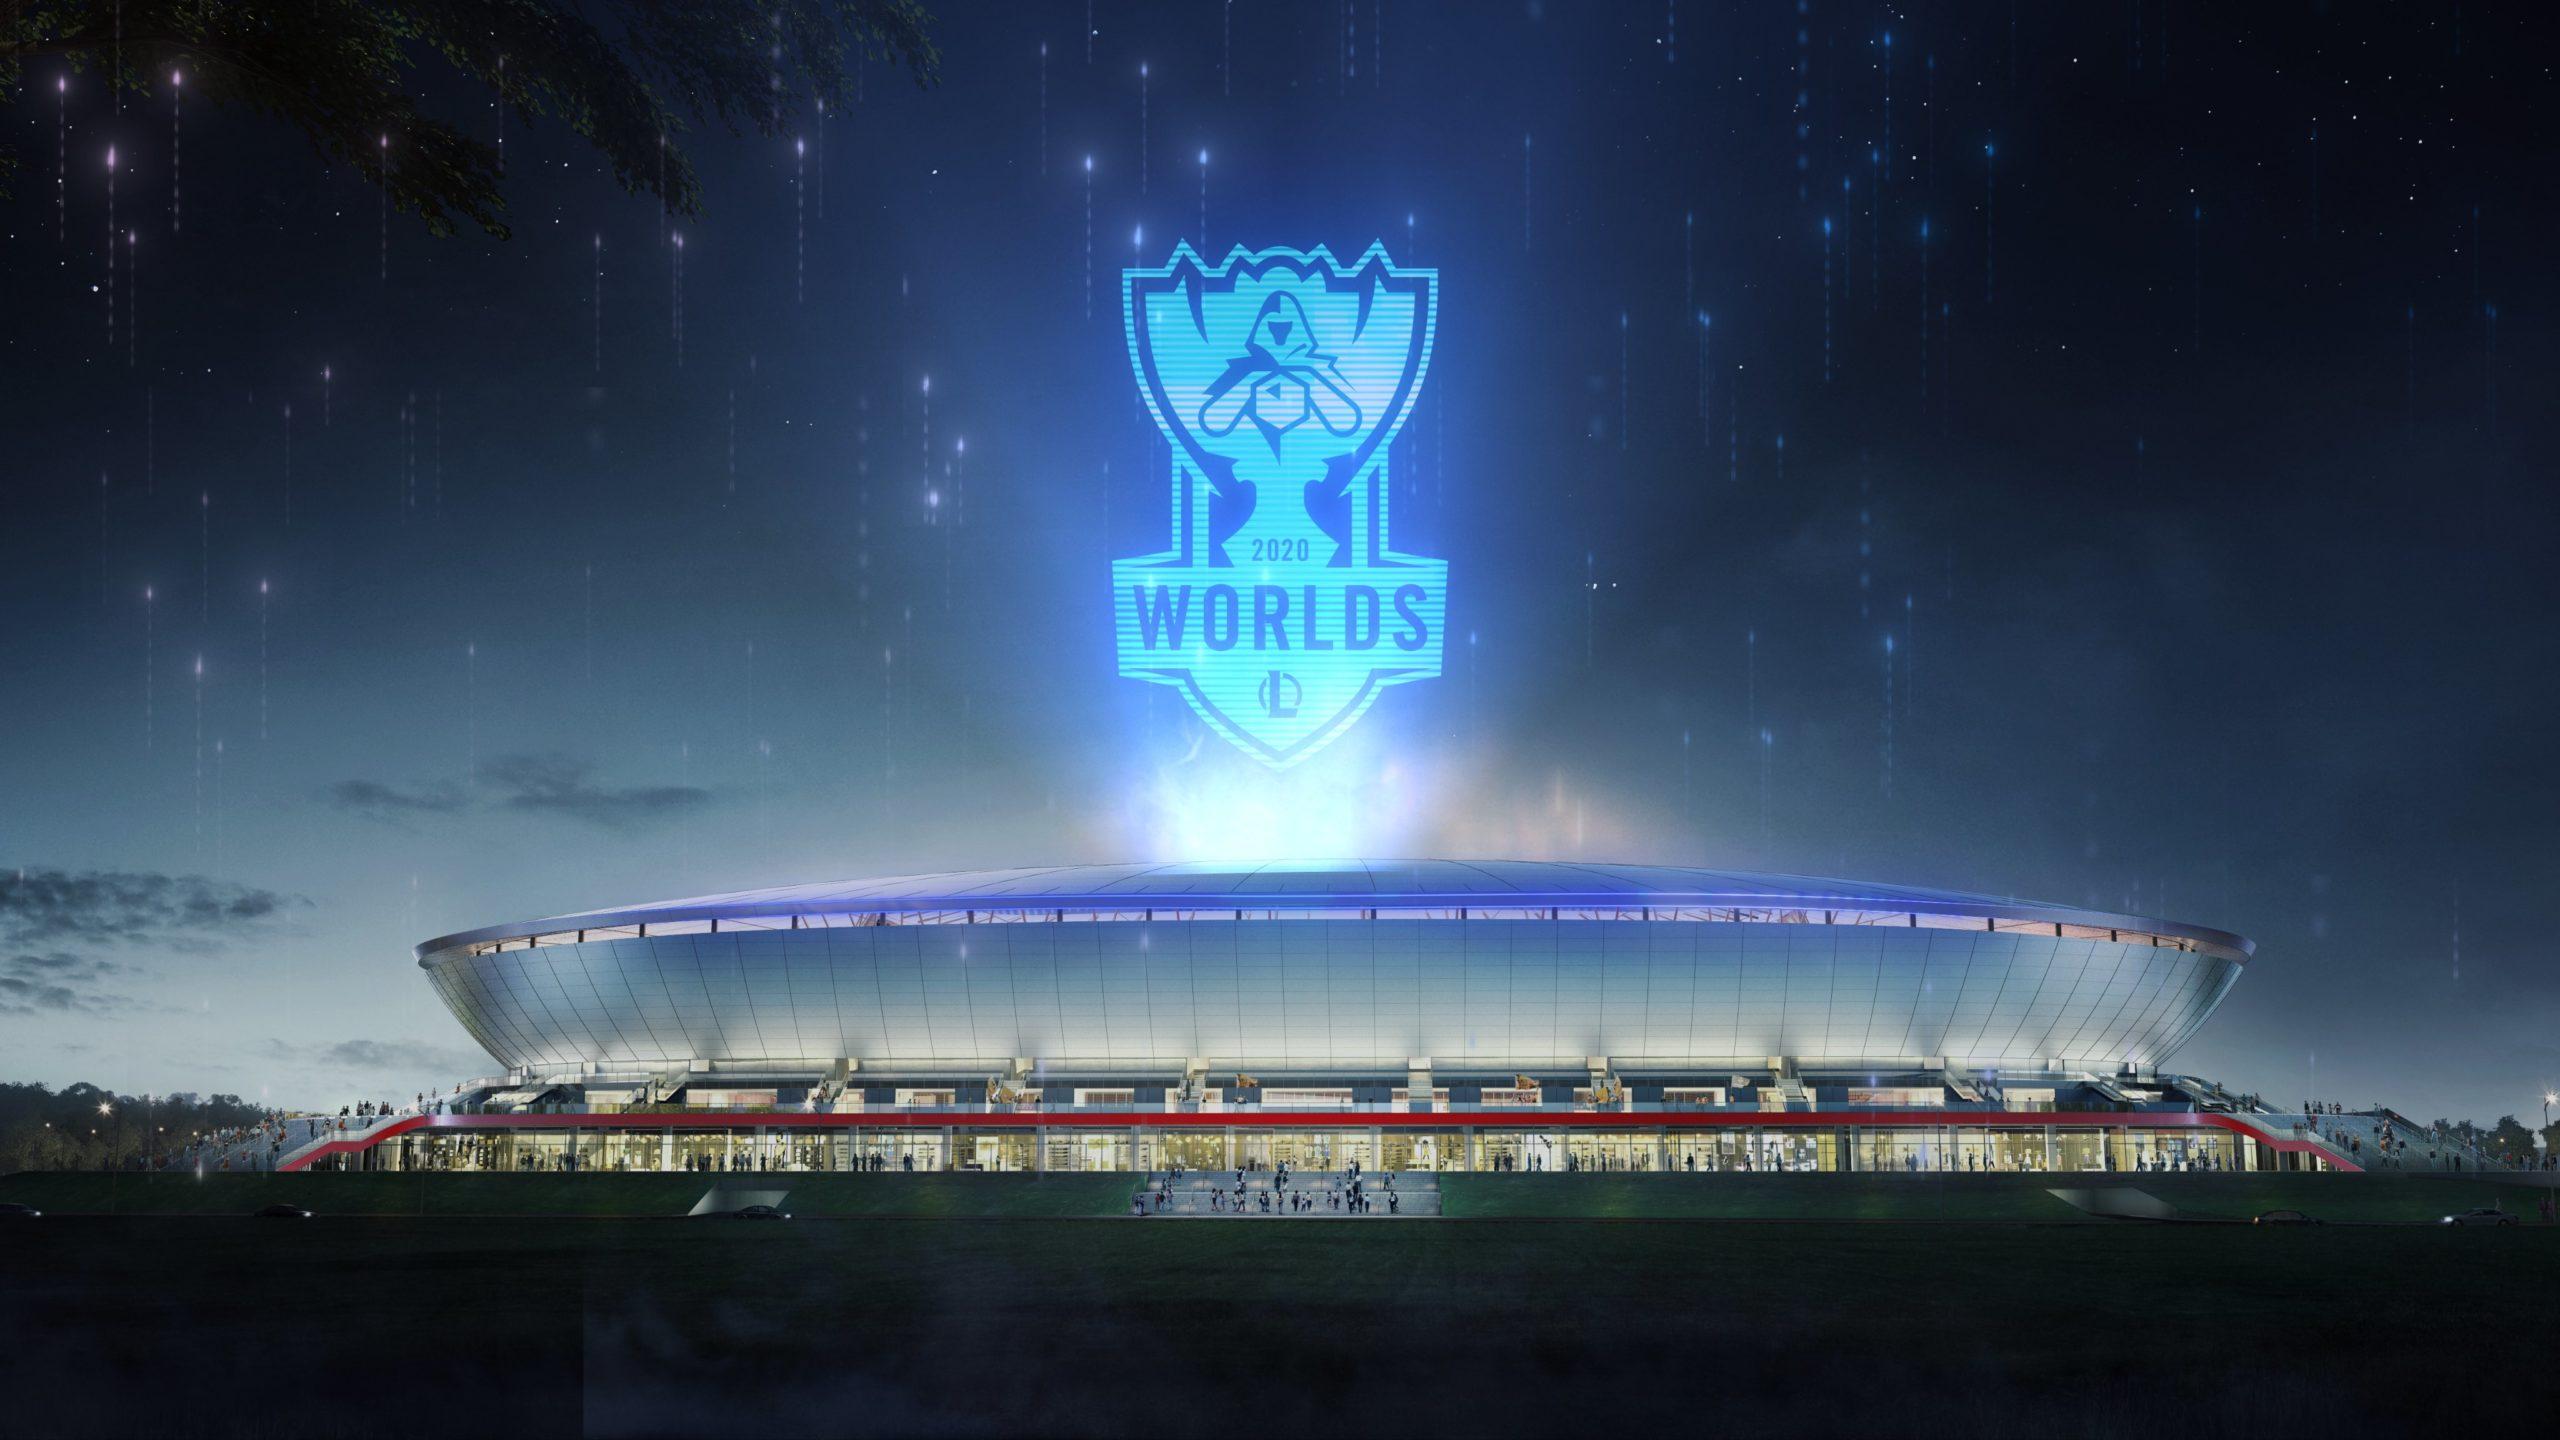 League of Legends Weltmeisterschaft 2020